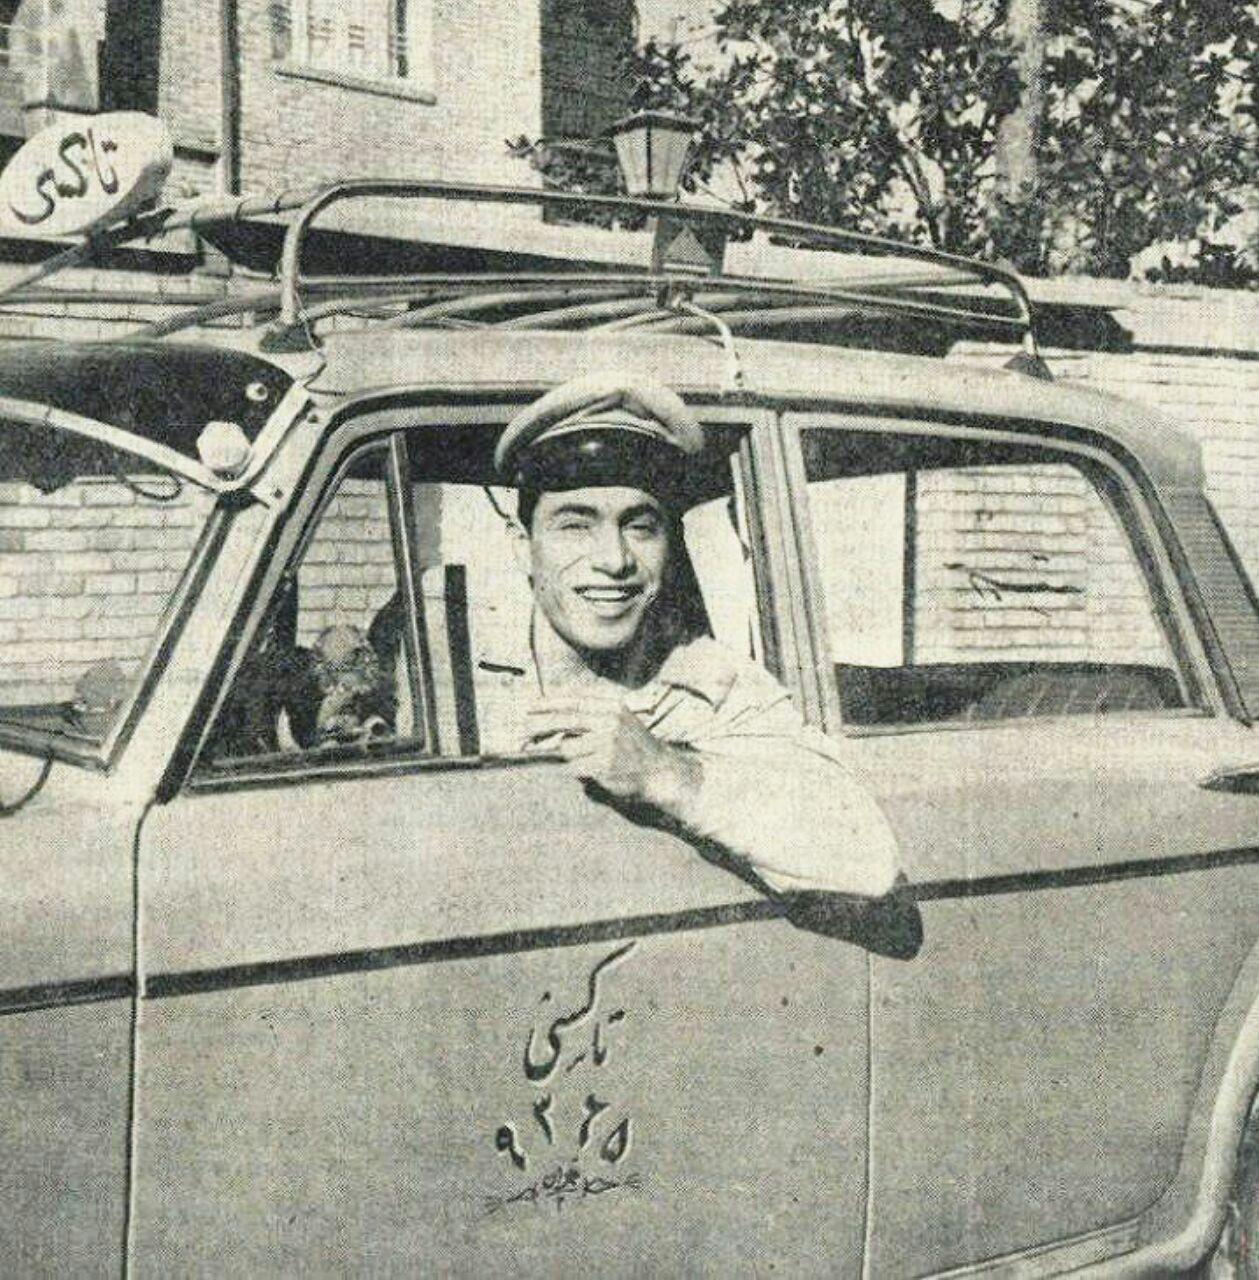 راننده تاکسی در دهه 40